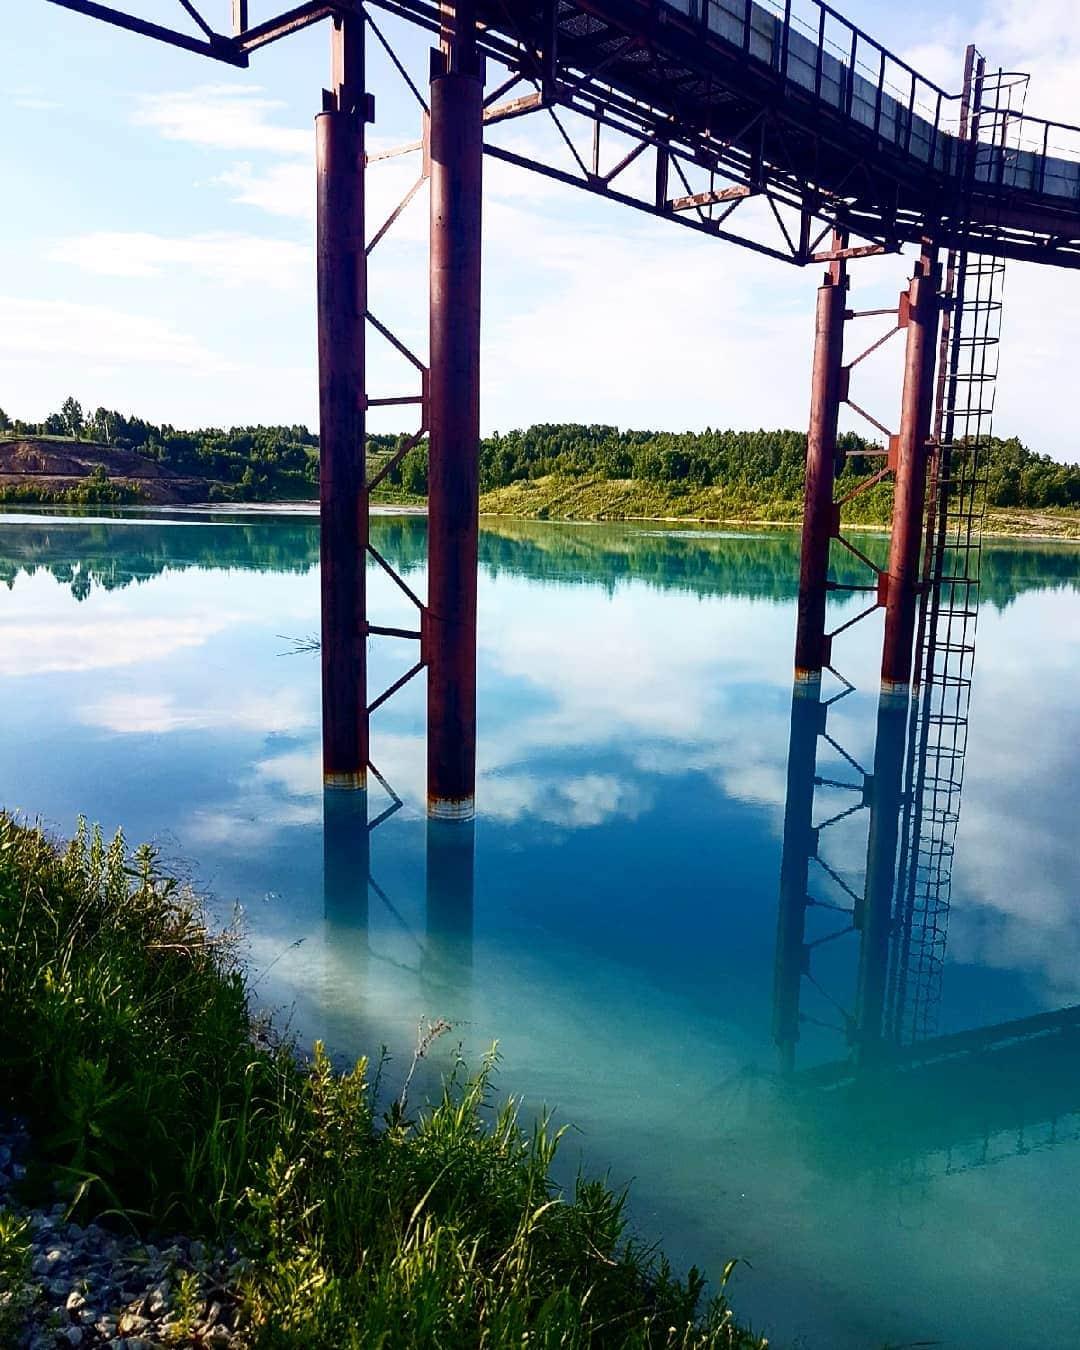 h m p 2 0 66283612 2257366510985079 4287515671889477990 n - Жители Новосибирска открыли для себя местные Мальдивы. Только купаться там опасно для жизни